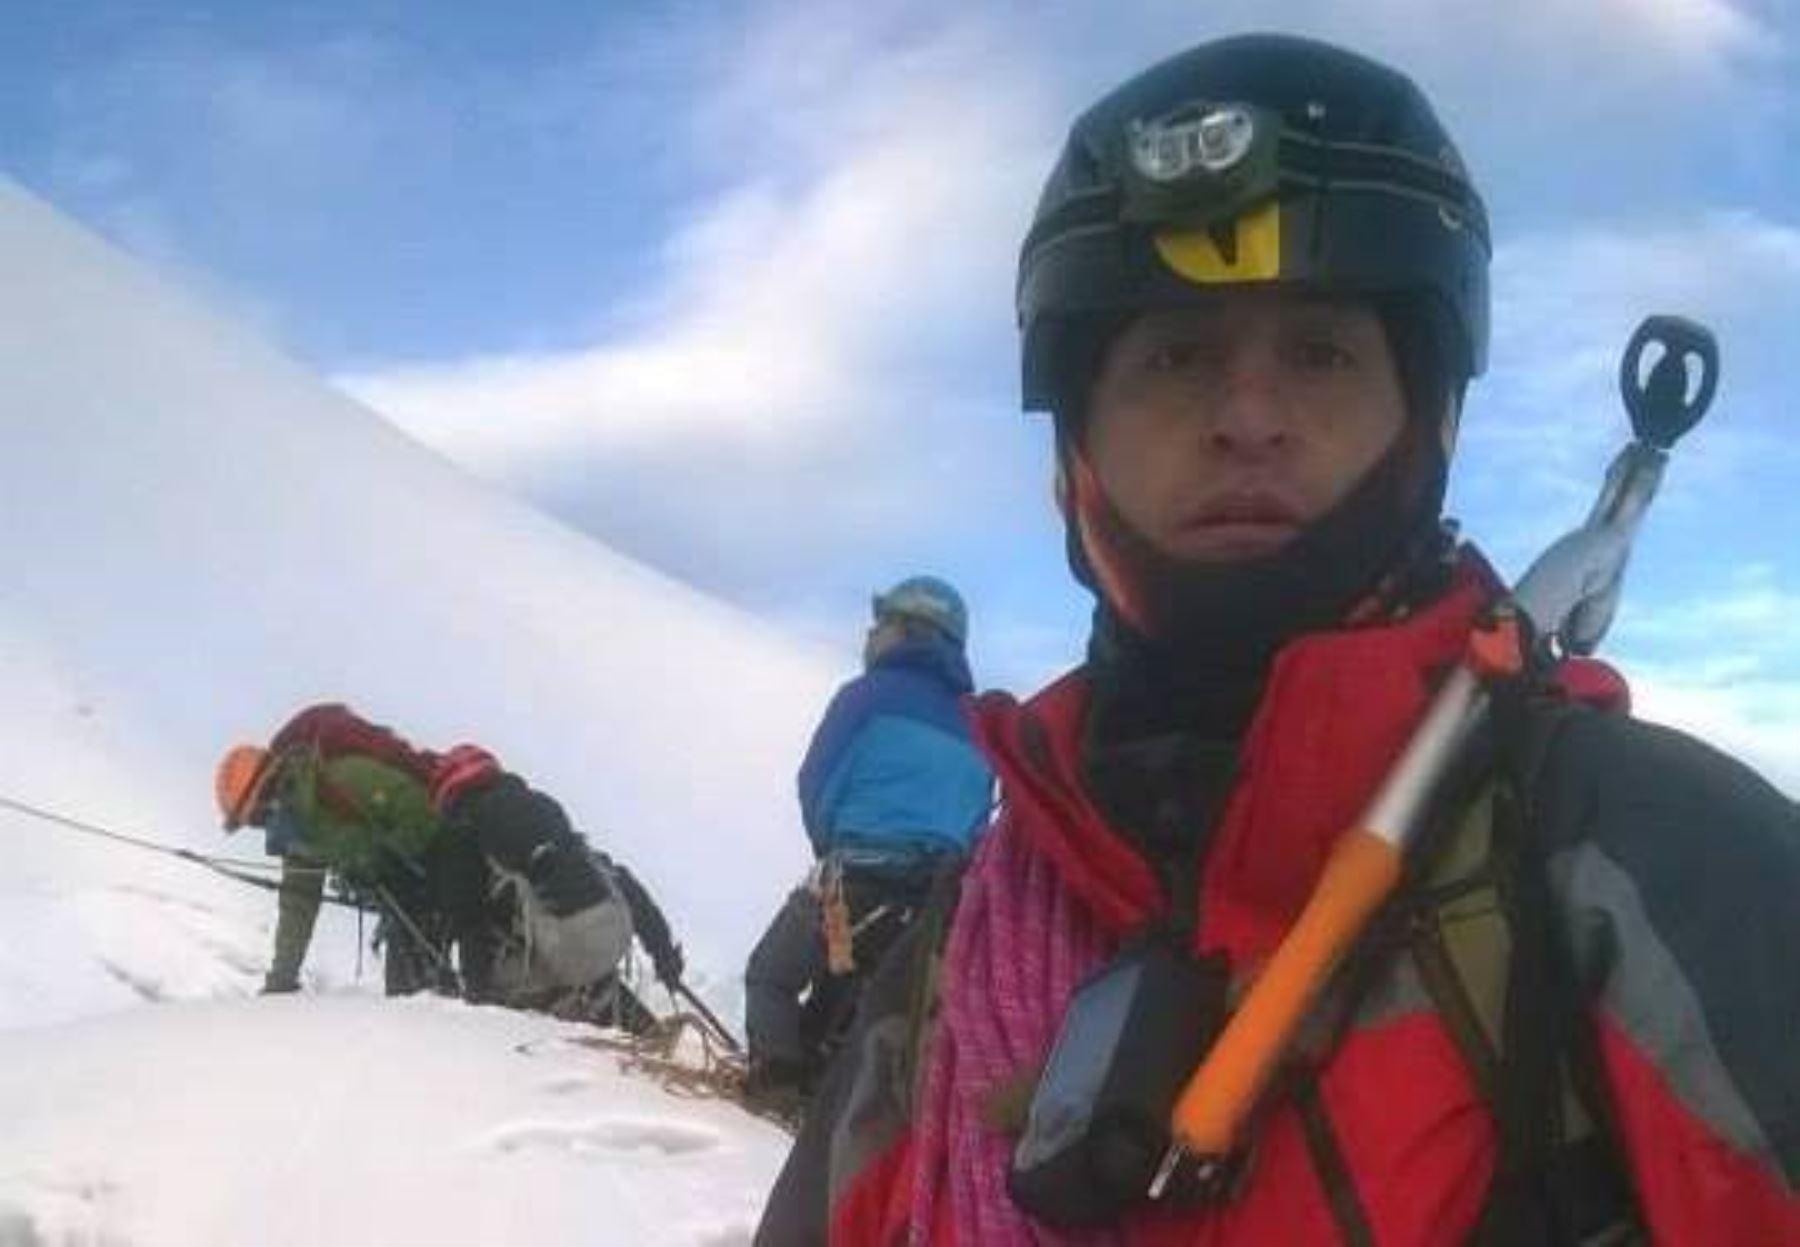 Foto de uno de los montañistas ecuatorianos que fallecieron cuando escalaban el nevado Huascarán, en Áncash. Foto: Viajeros Ecuador.